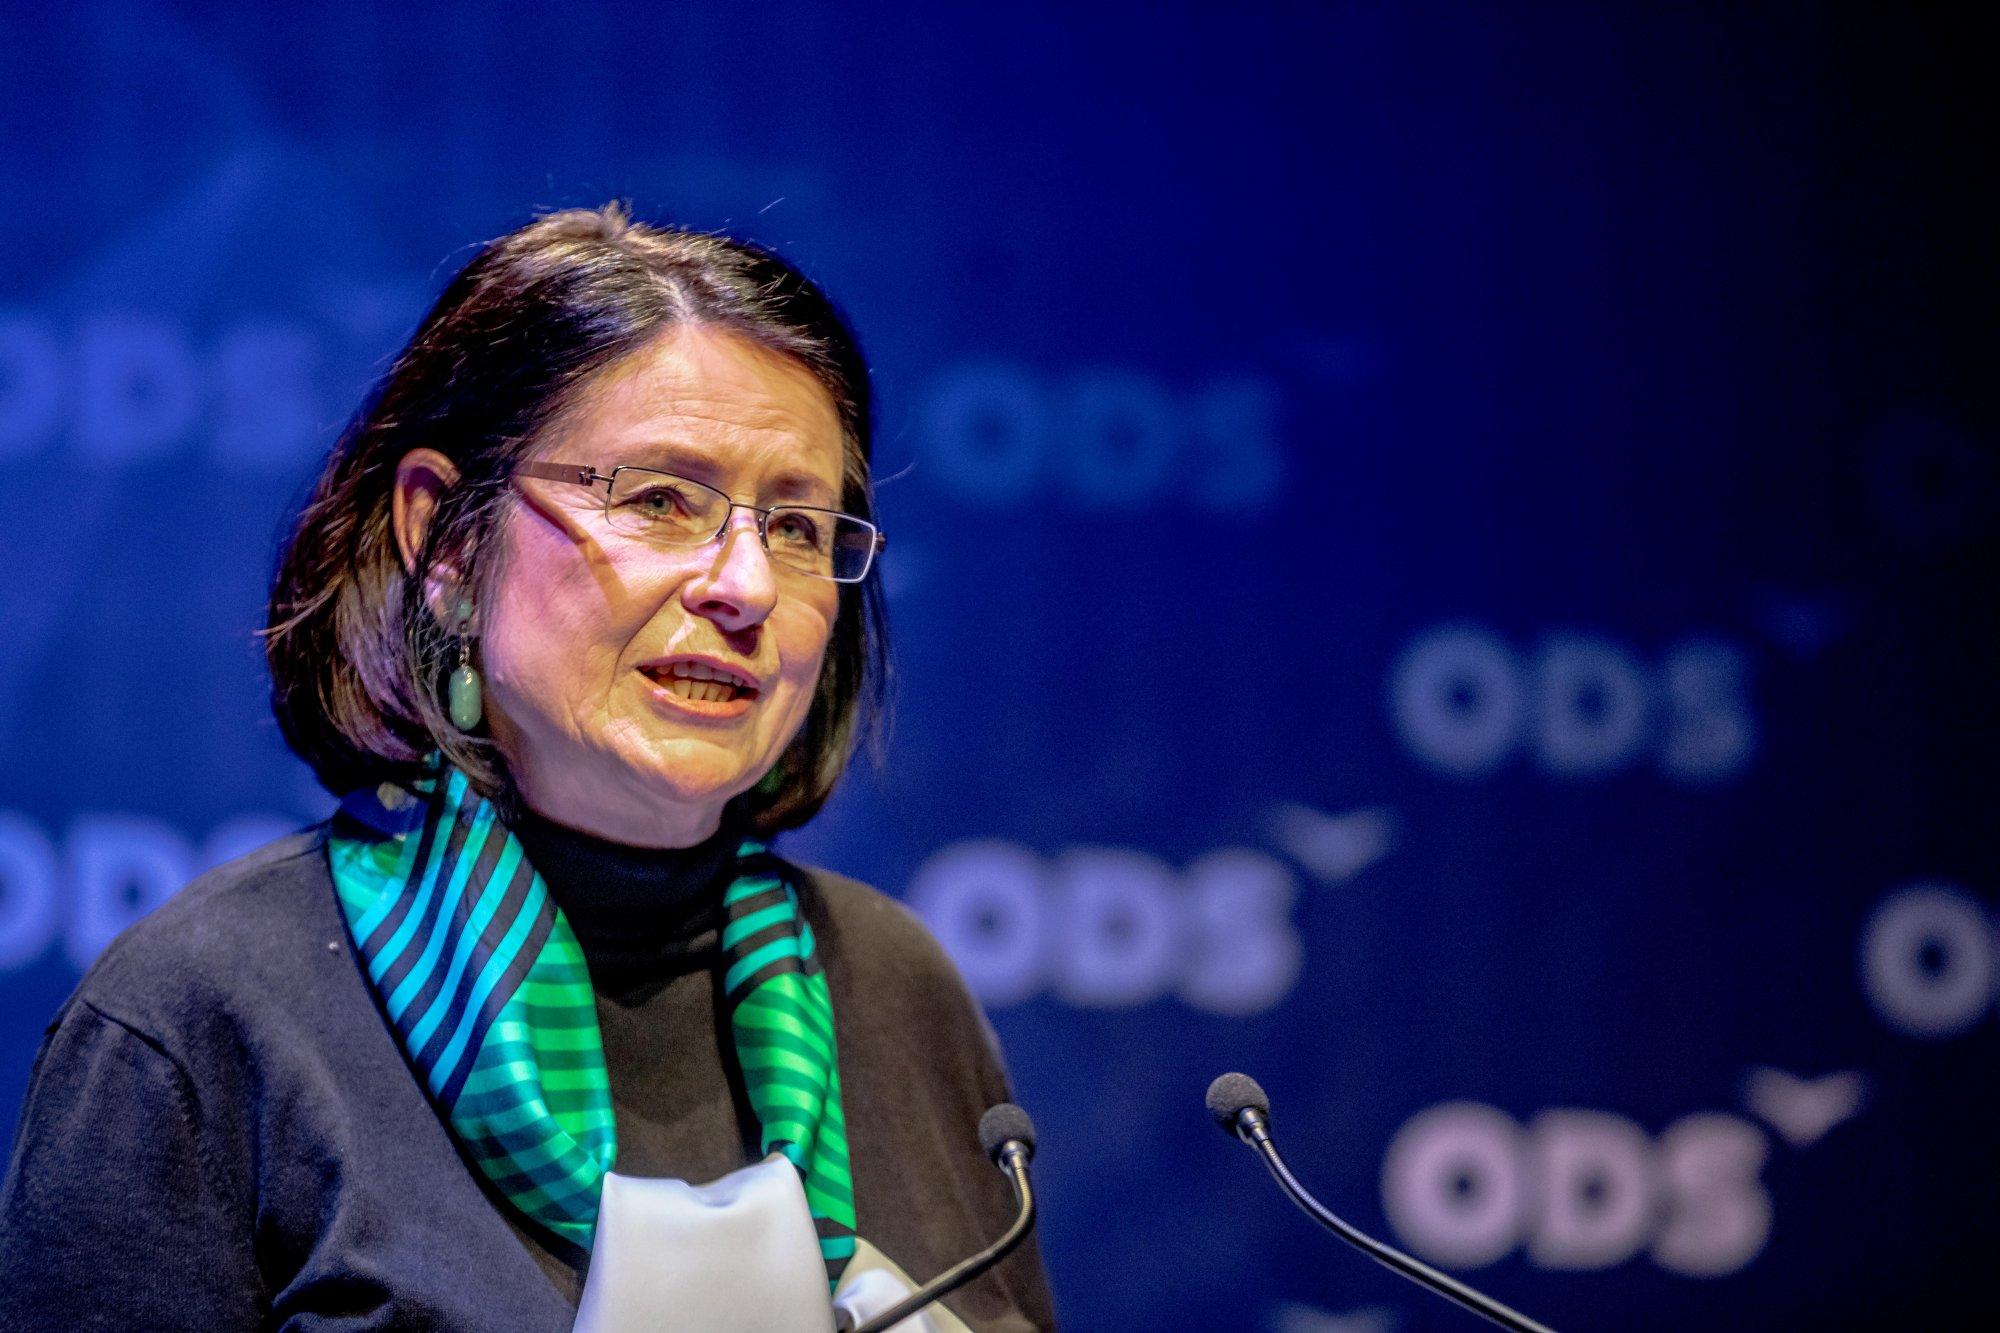 Senátorský klub ODS a TOP 09: Podpořili jsme ústavní stížnost na zákaz pořádání farmářských trhů